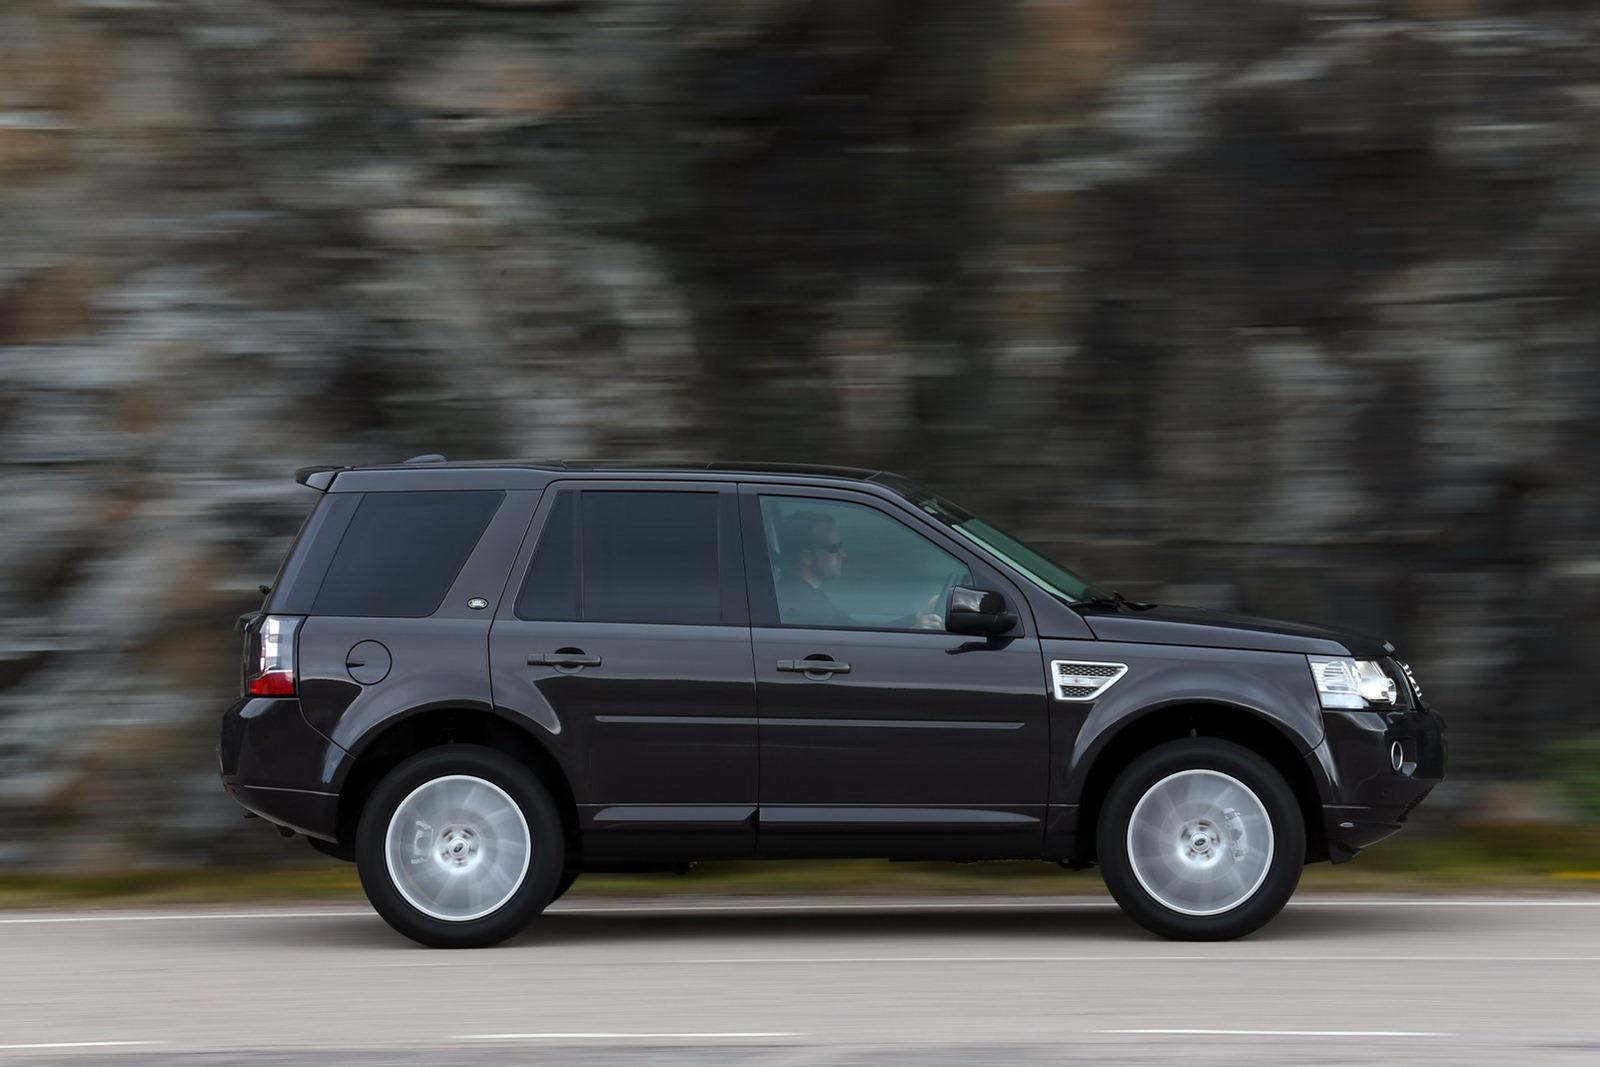 land rover freelander 2 facelift car gallery suv. Black Bedroom Furniture Sets. Home Design Ideas